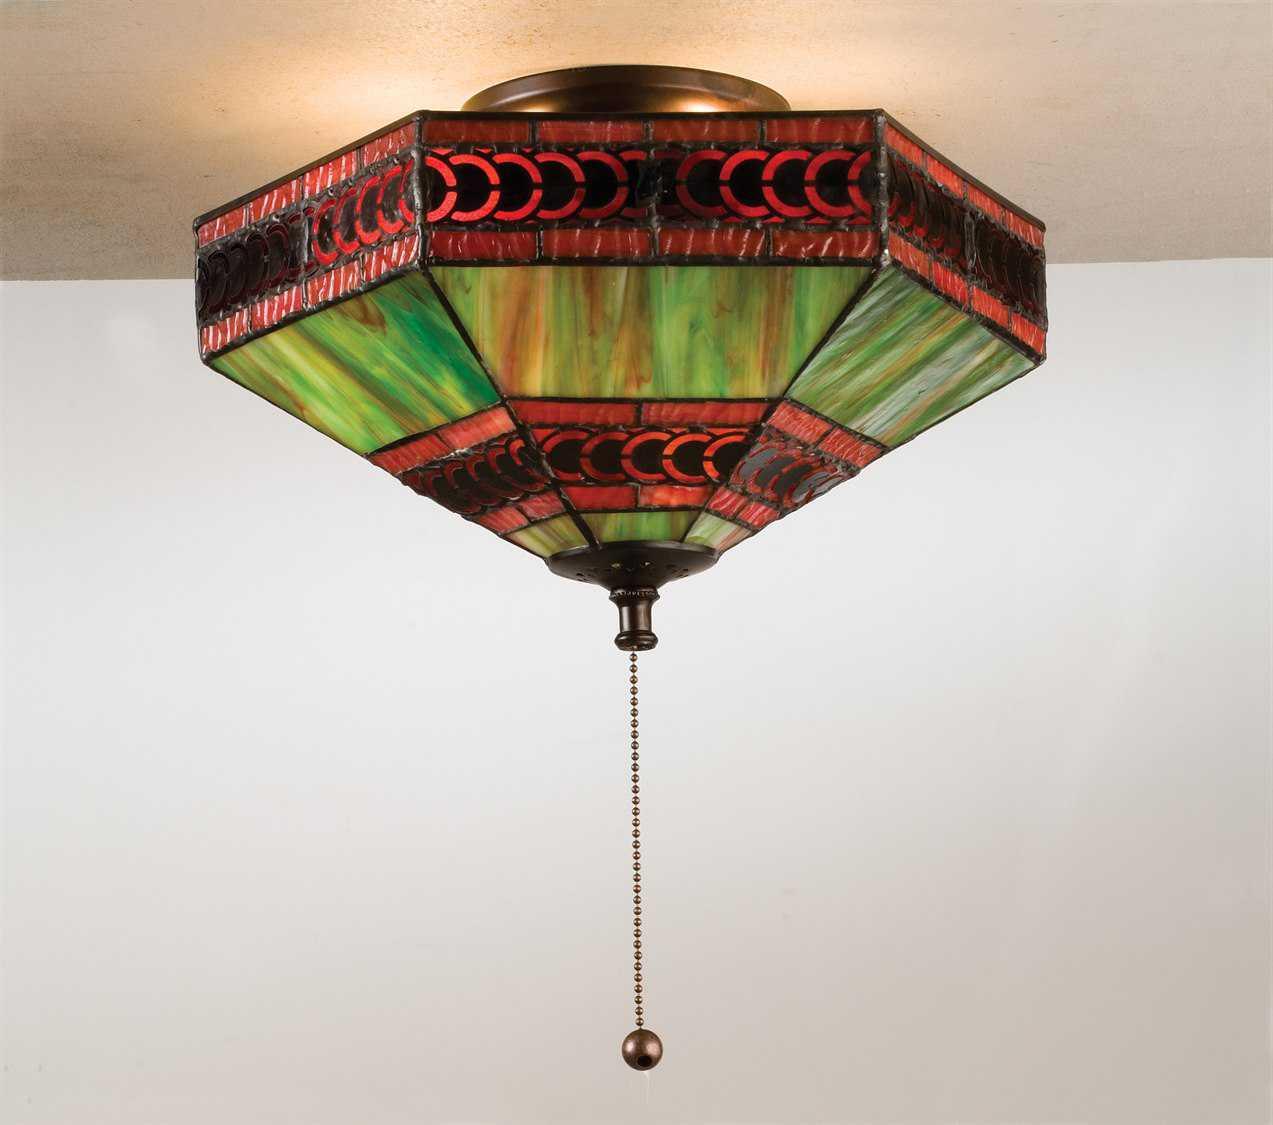 Meyda tiffany cambridge three light flush mount light for Arts and crafts flush mount lighting